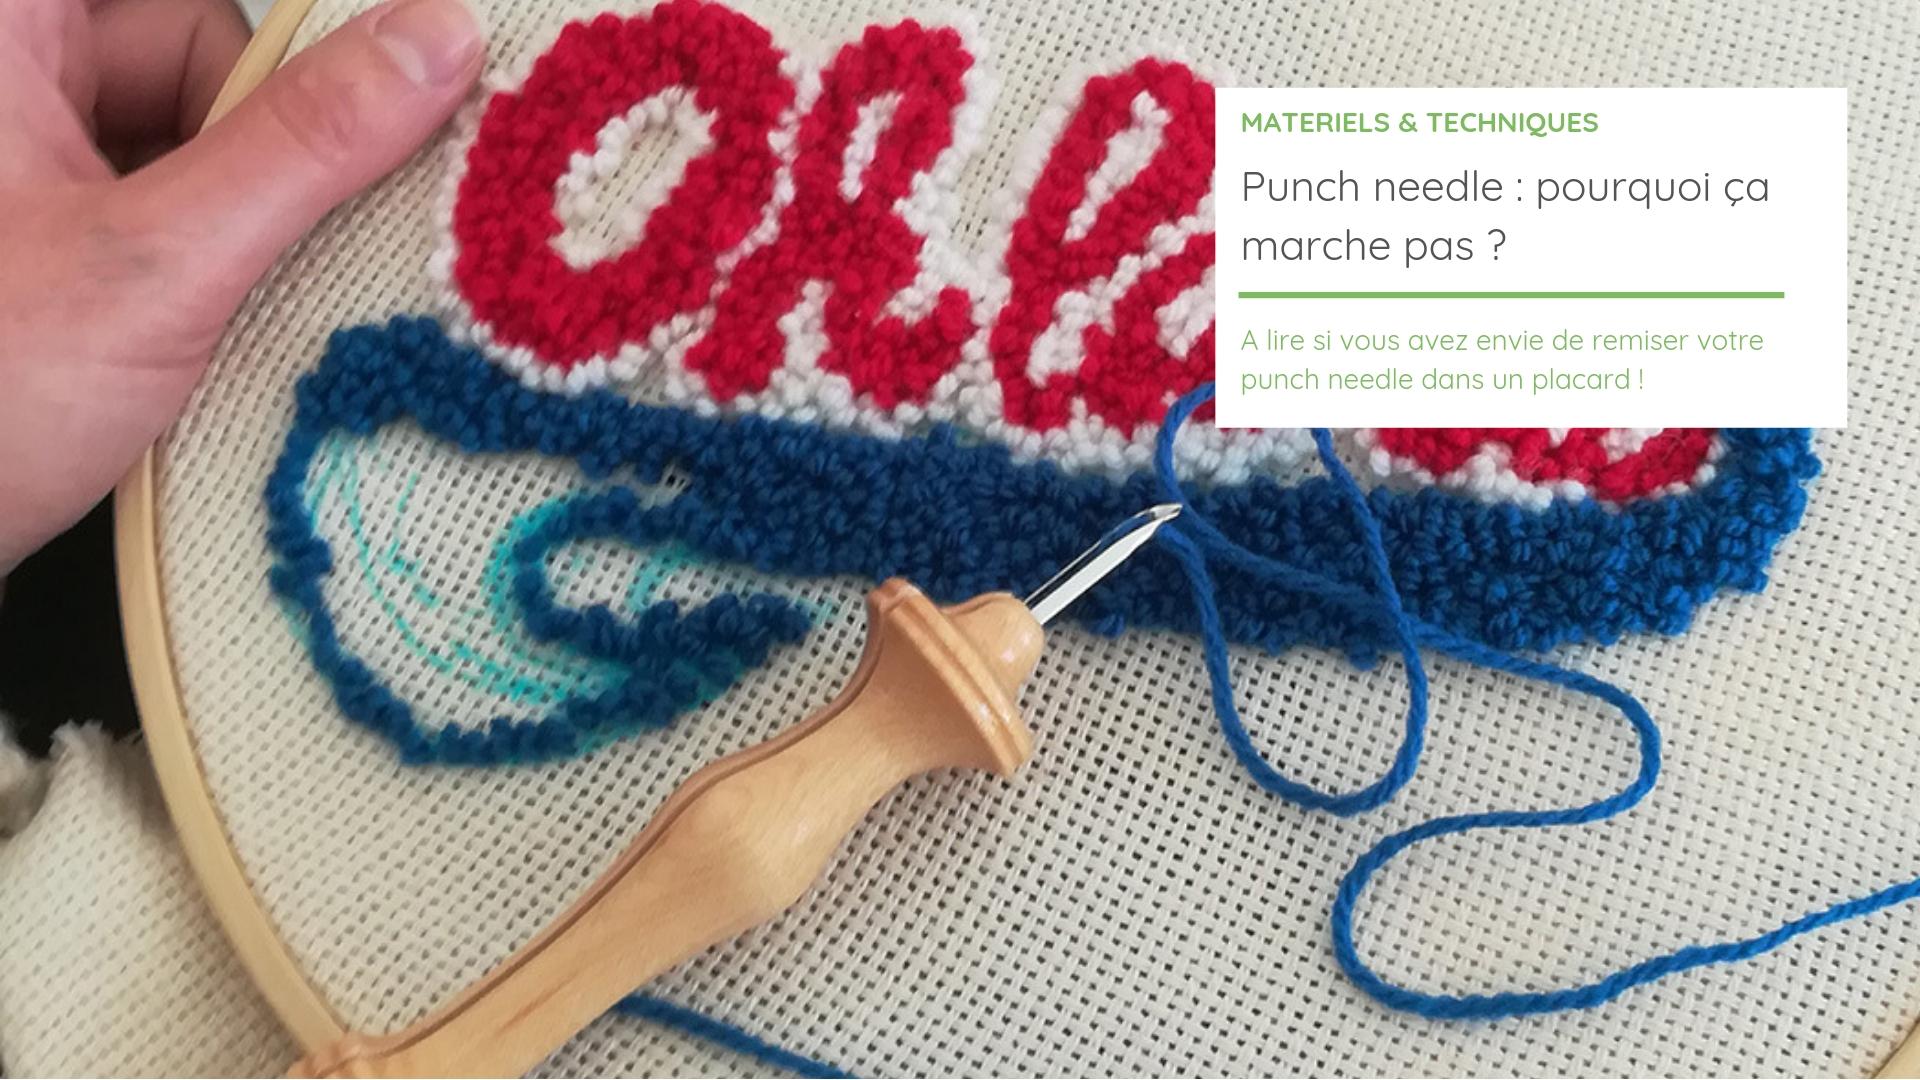 Comment Faire Un Tableau Avec Du Tissu 8 erreurs en punch needle à éviter pour réussir une broderie